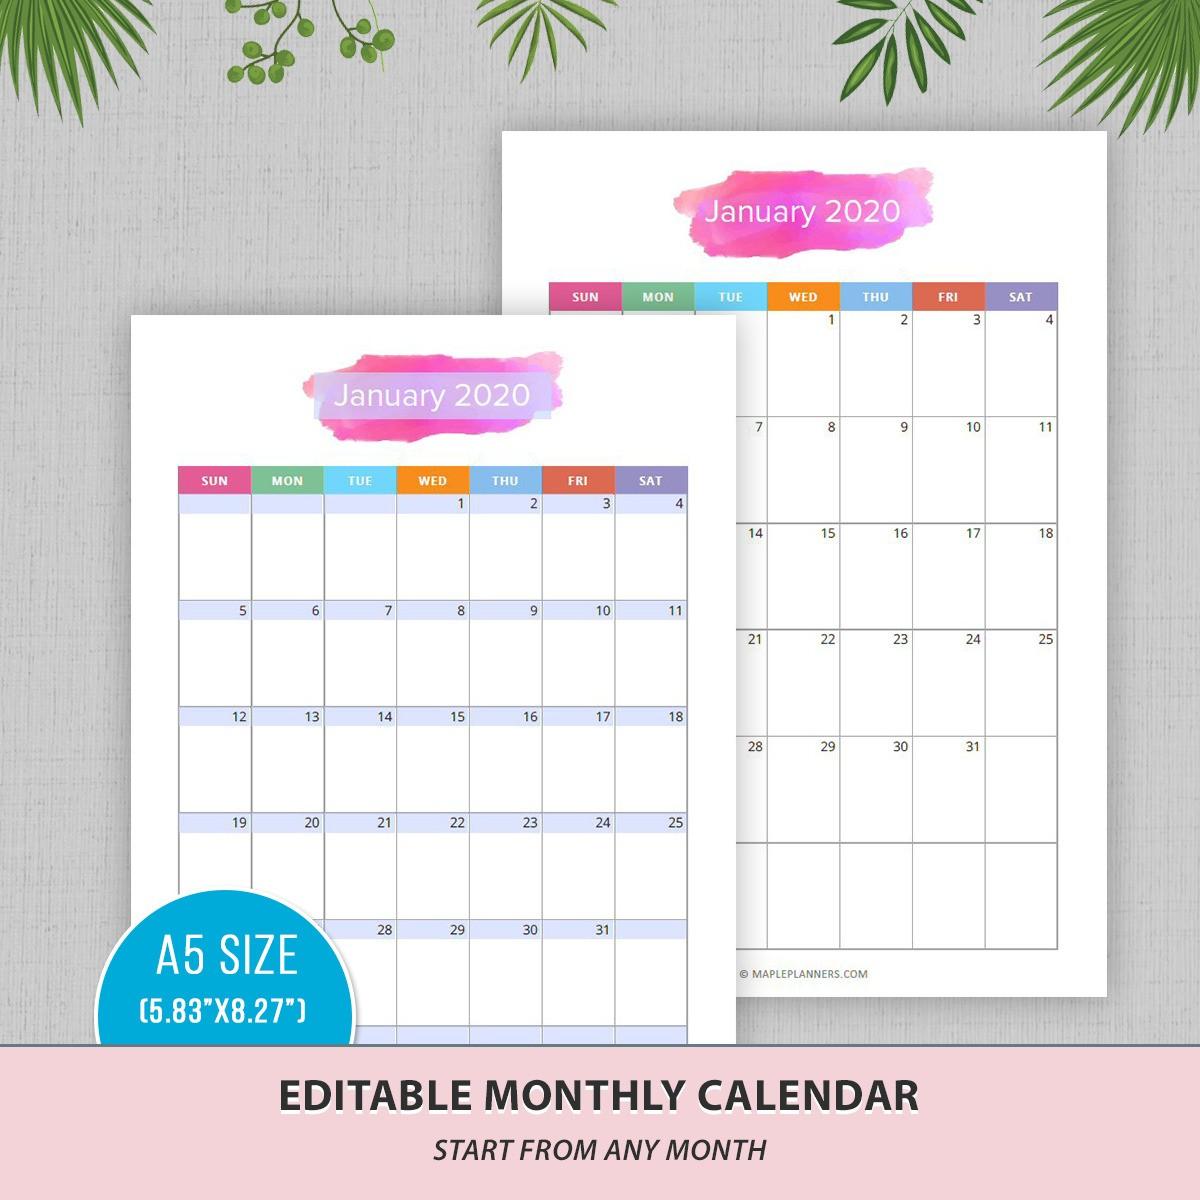 Editable Monthly Calendar - Edit Yourself